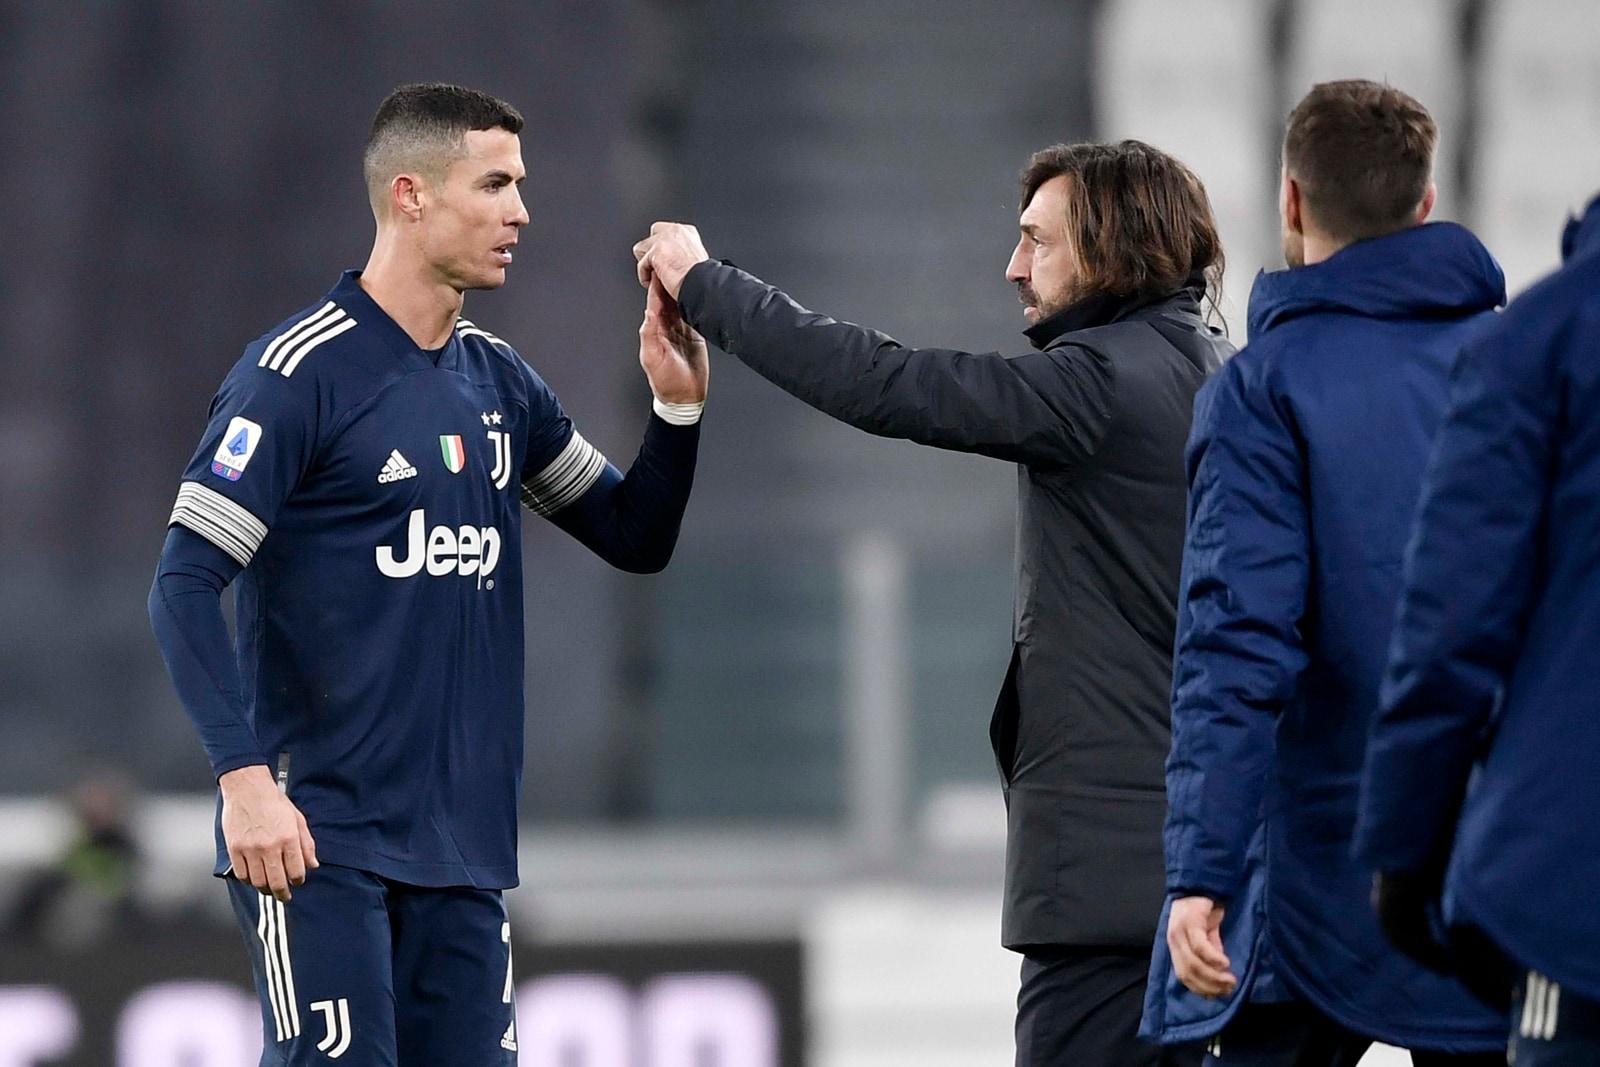 Juve-Genoa, la probabile formazione di Pirlo